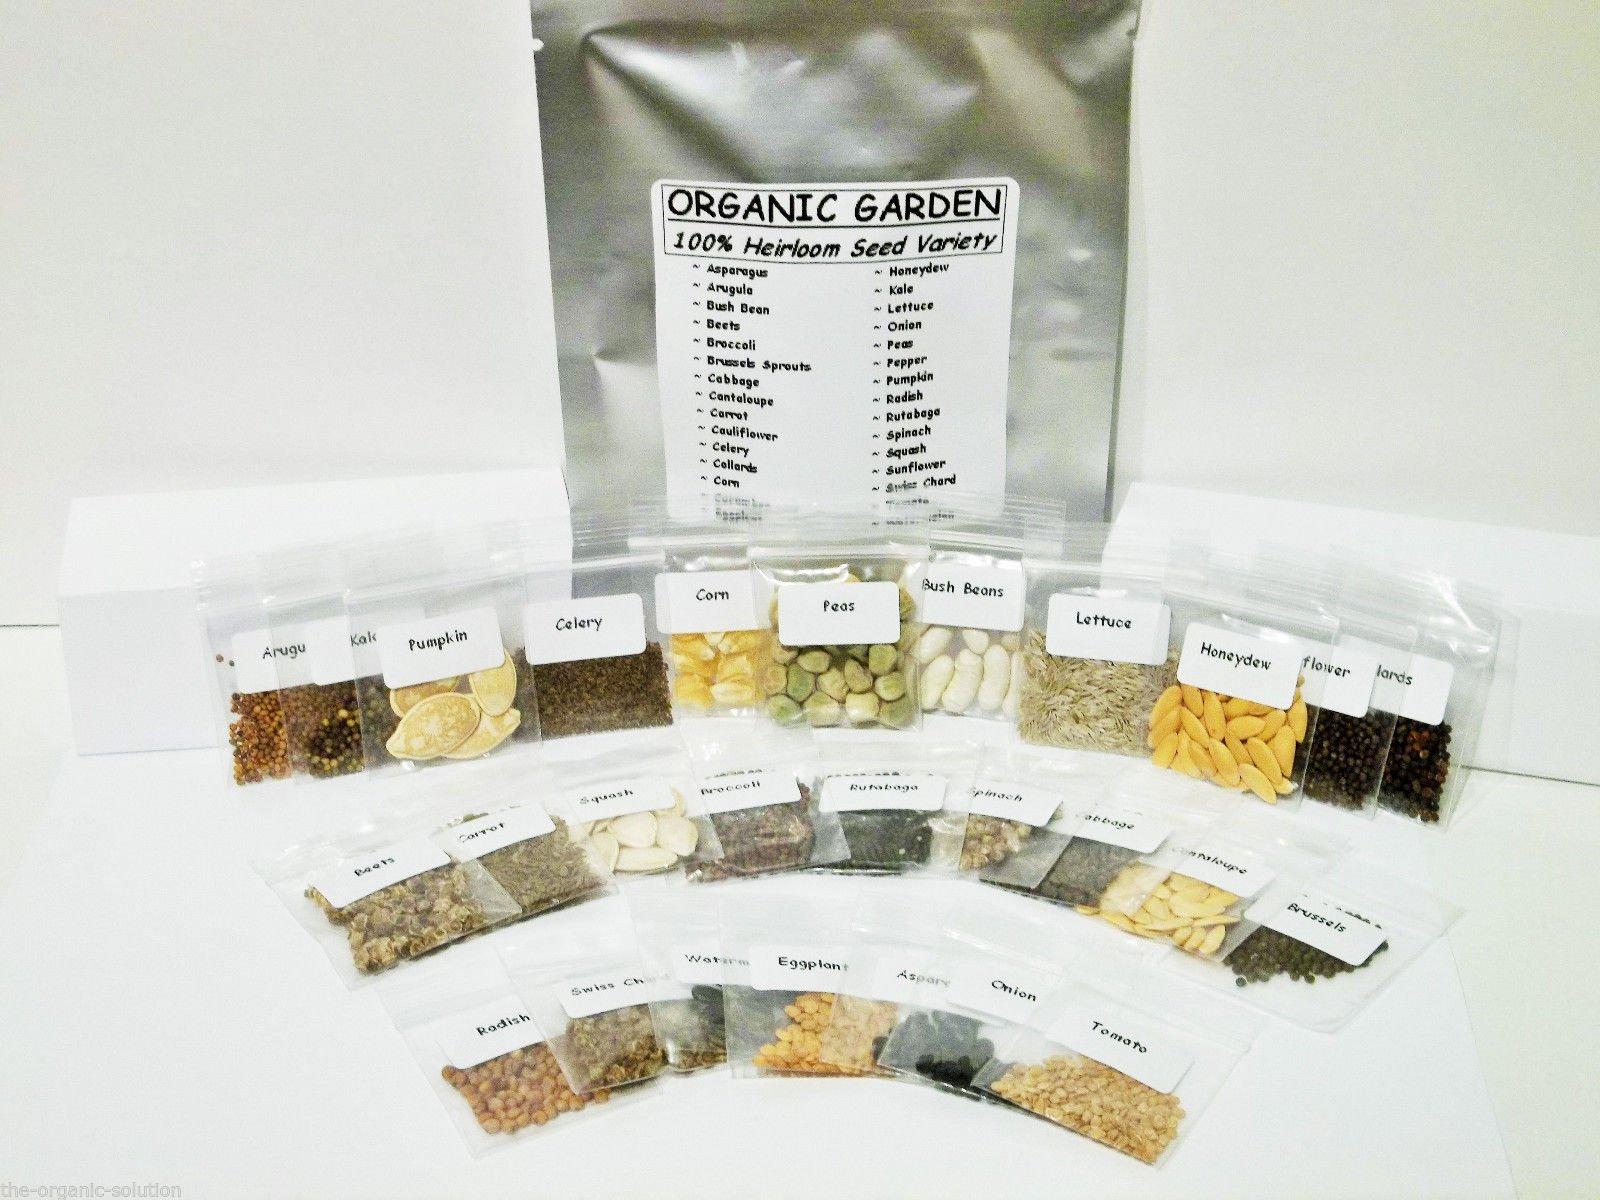 Emergency Survival Vegetable Fruit Garden Seed Heirloom Prepper Lot Kit MRE Food 30 Varieties